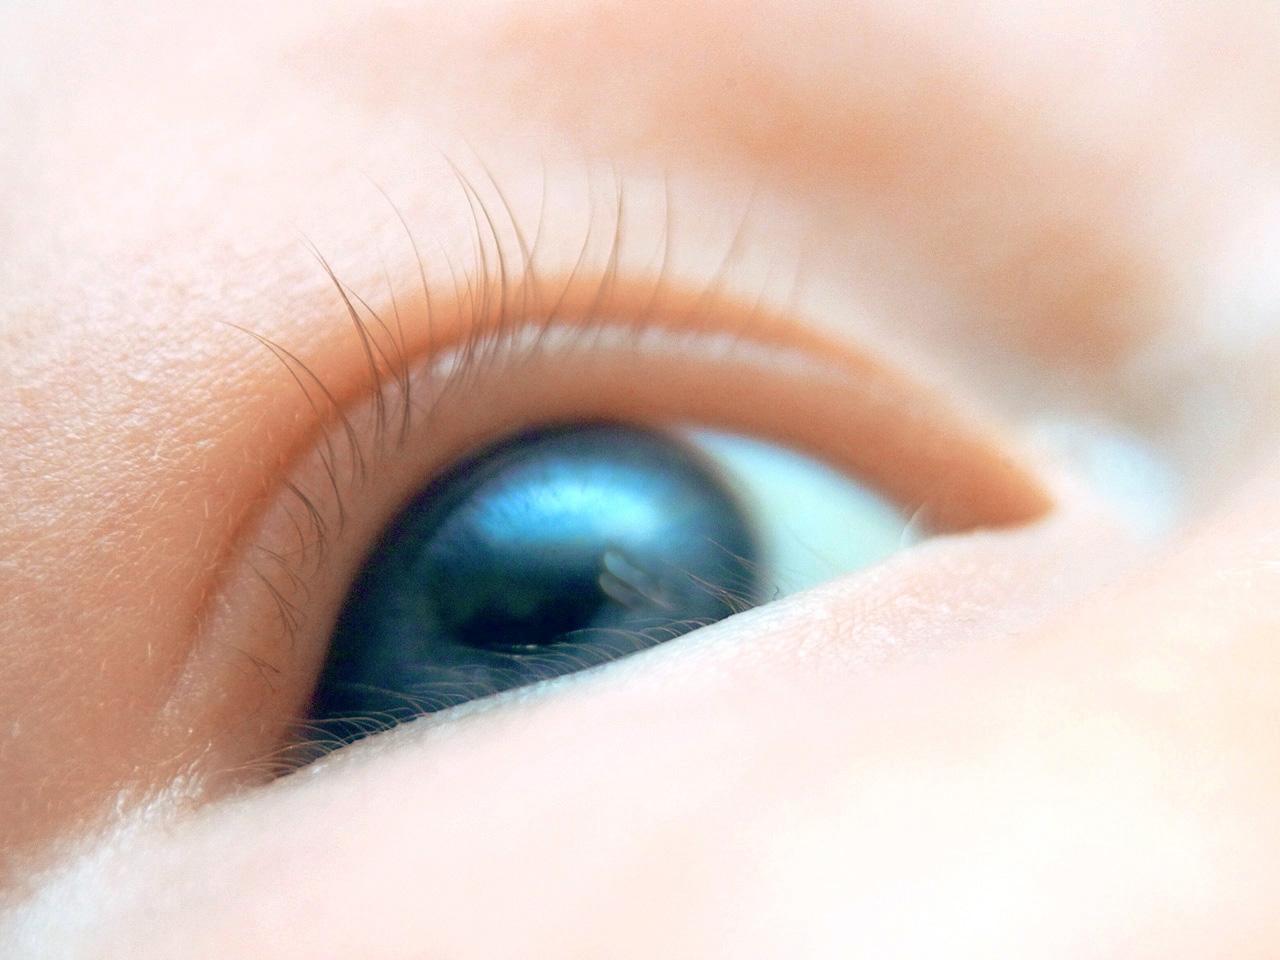 como limpiar los ojos del recien nacido